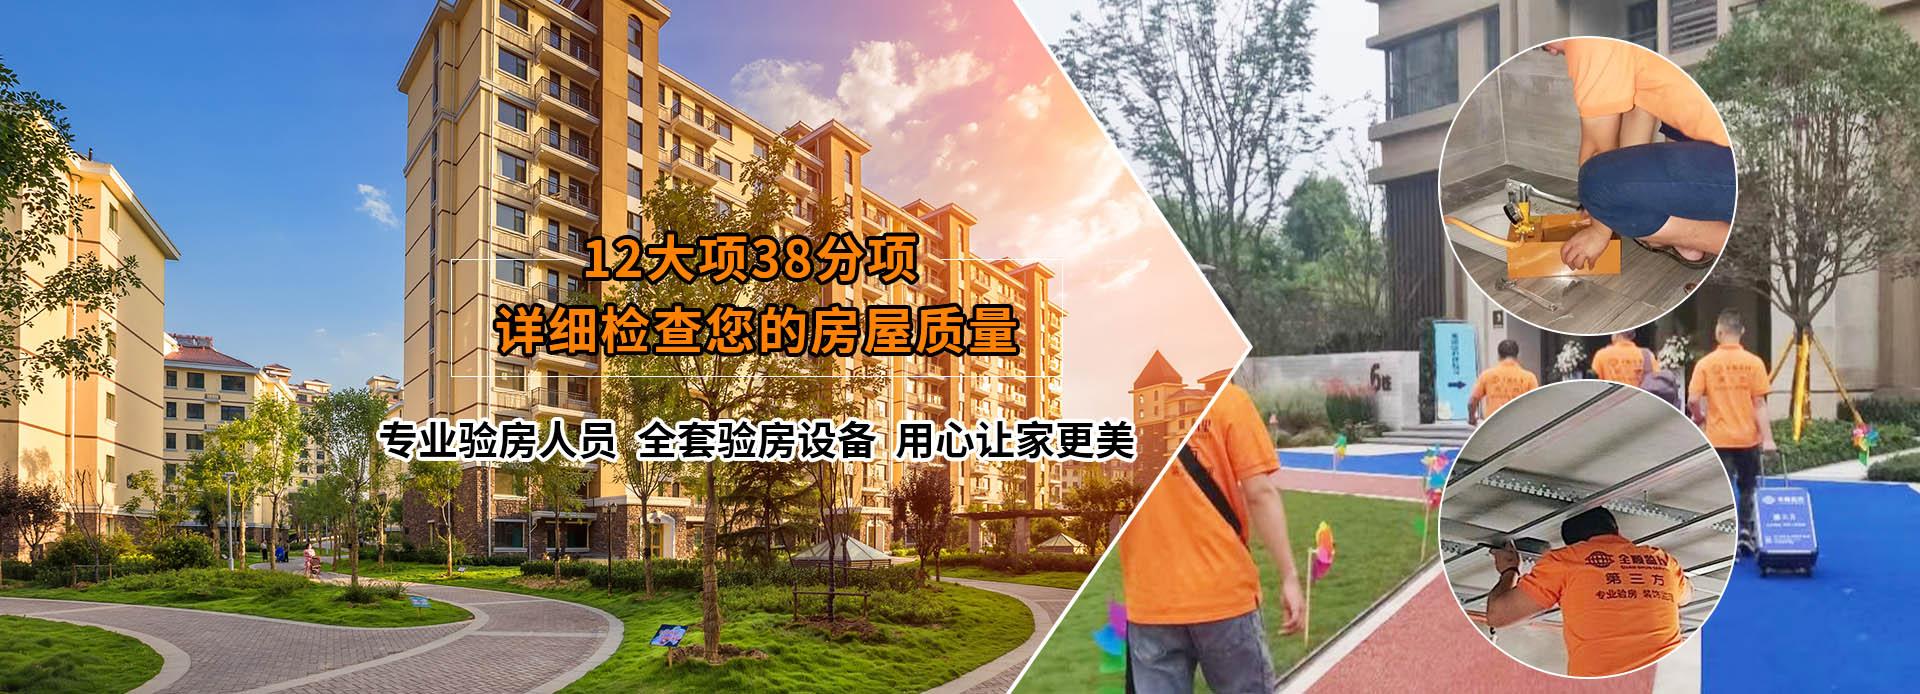 重庆第三方验房